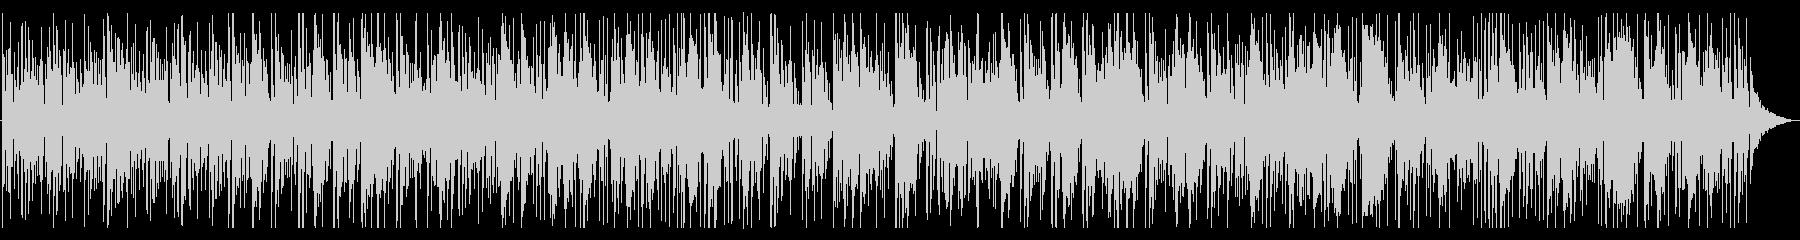 アウトロー雰囲気のヒップホップNo536の未再生の波形